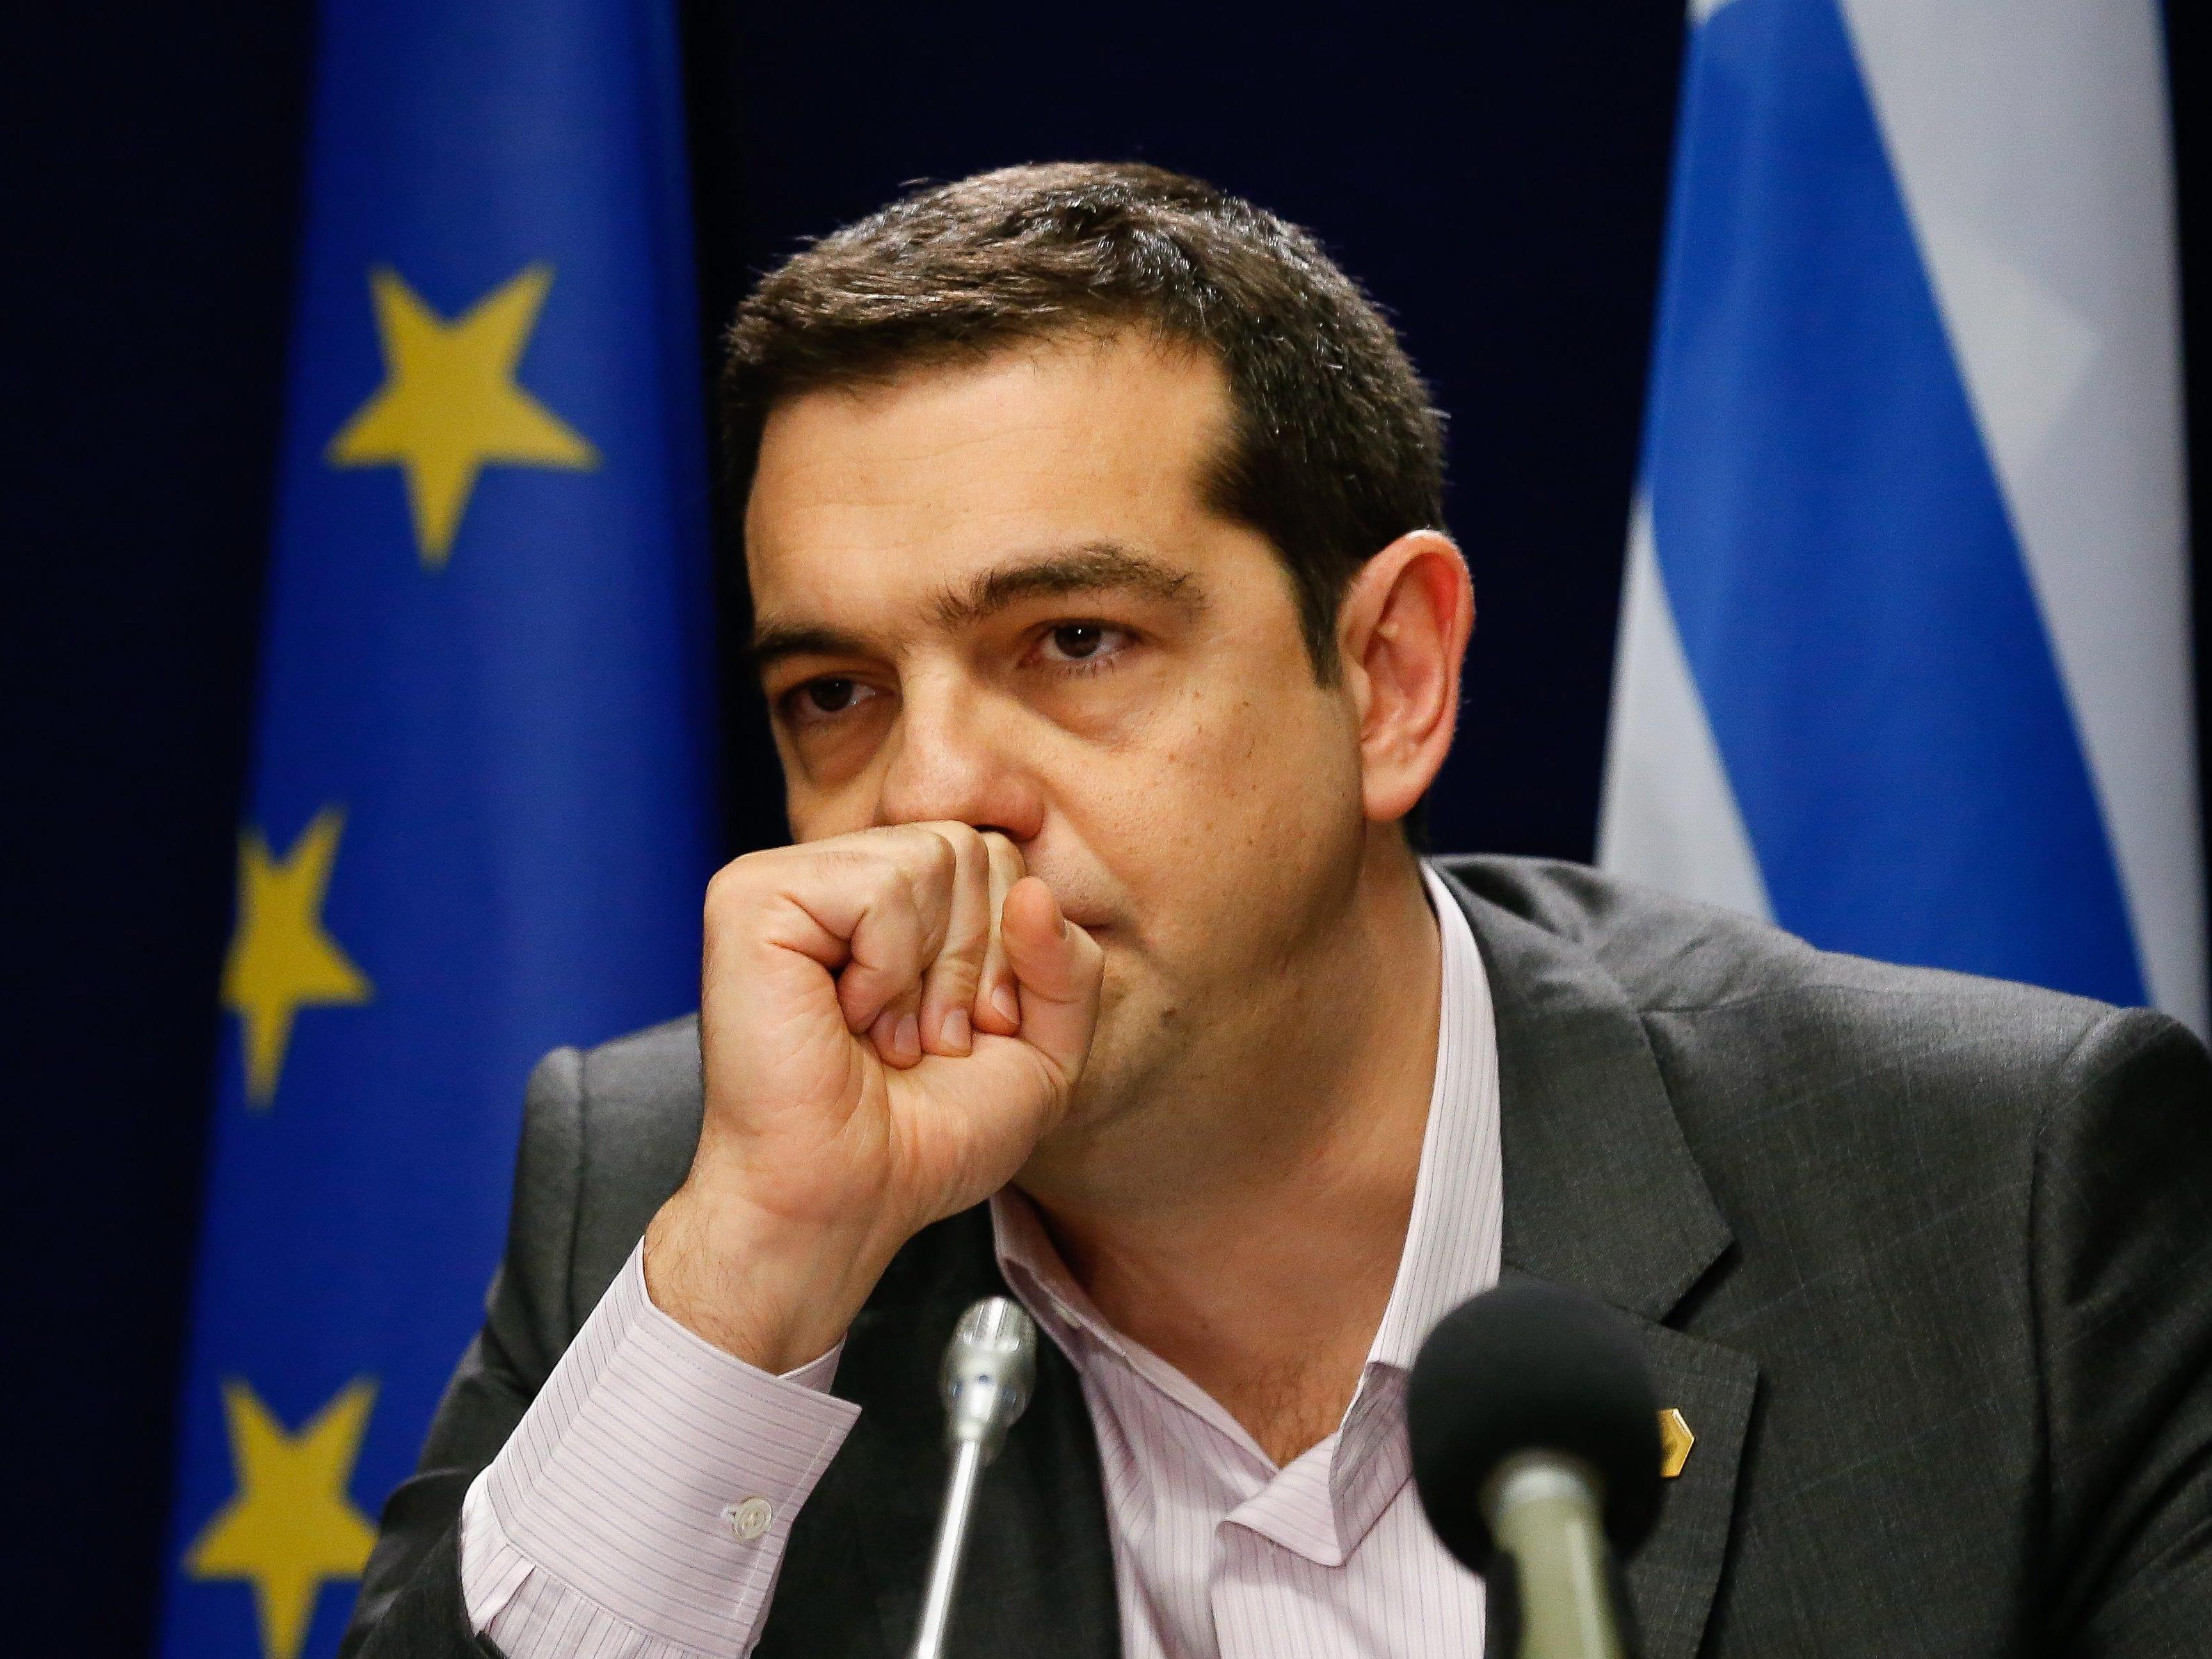 Kommission rechnet mit drohenden Zahlungsengpässen Athens in knapp drei Wochen.